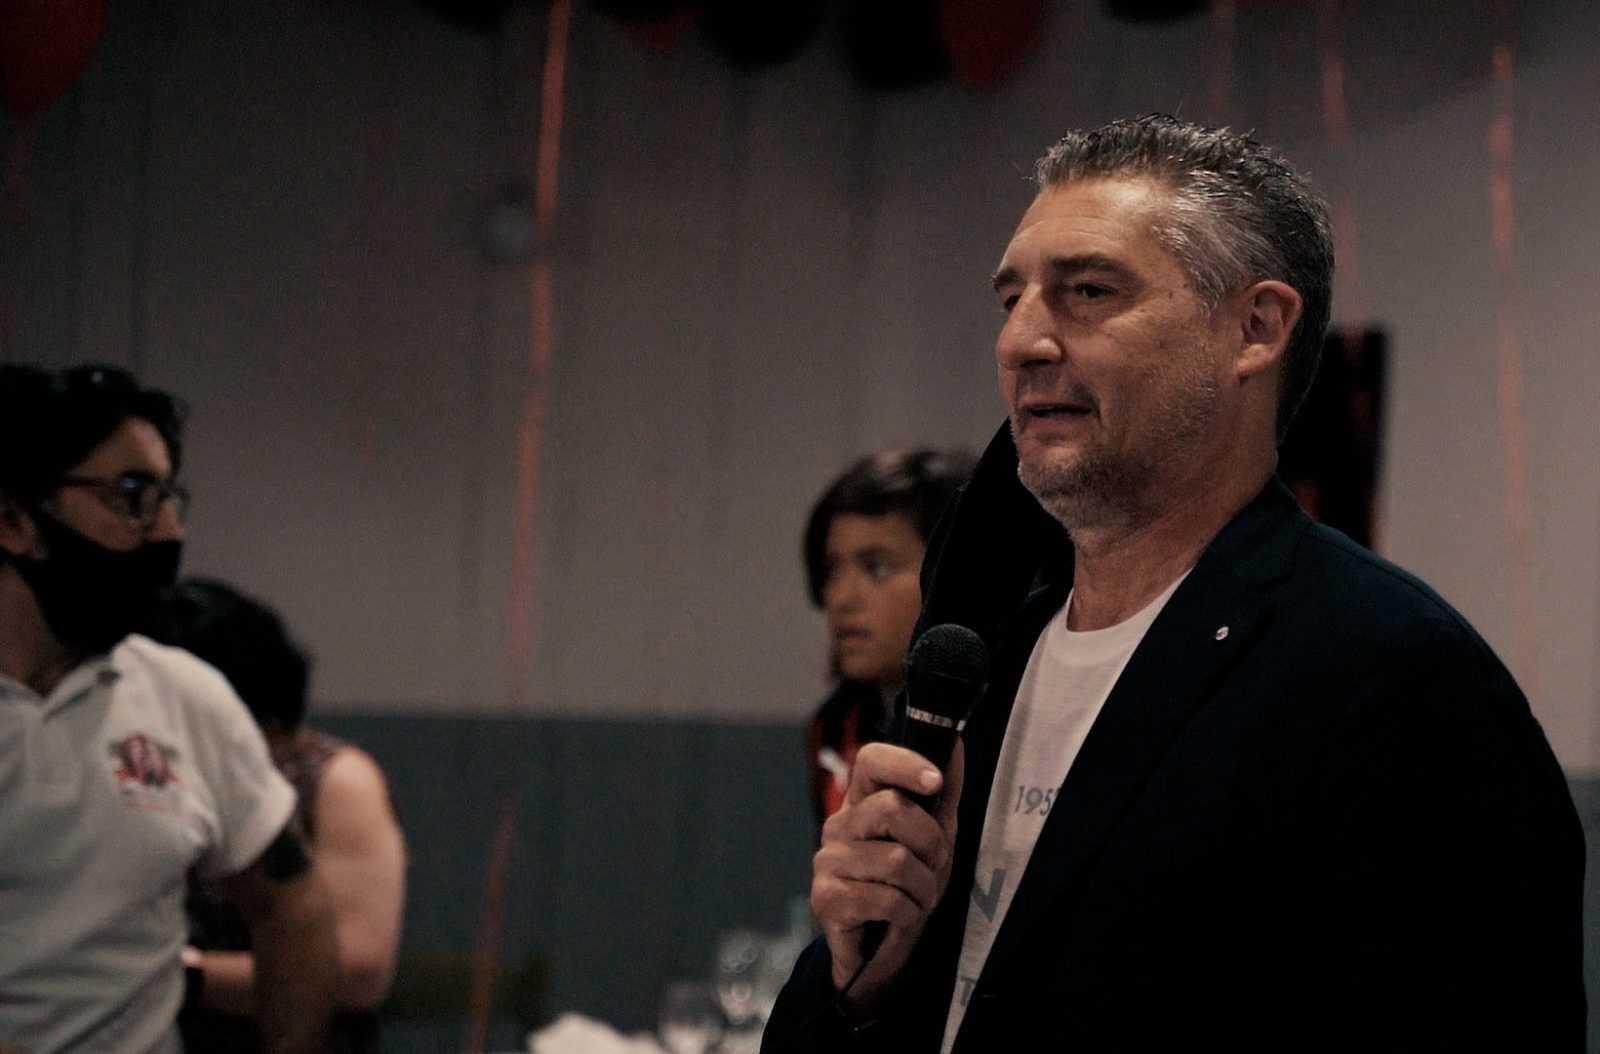 video-e-foto|-milan-club-val-vibrata:-entusiasmo-e-solidarieta-nella-serata-con-daniele-massaro